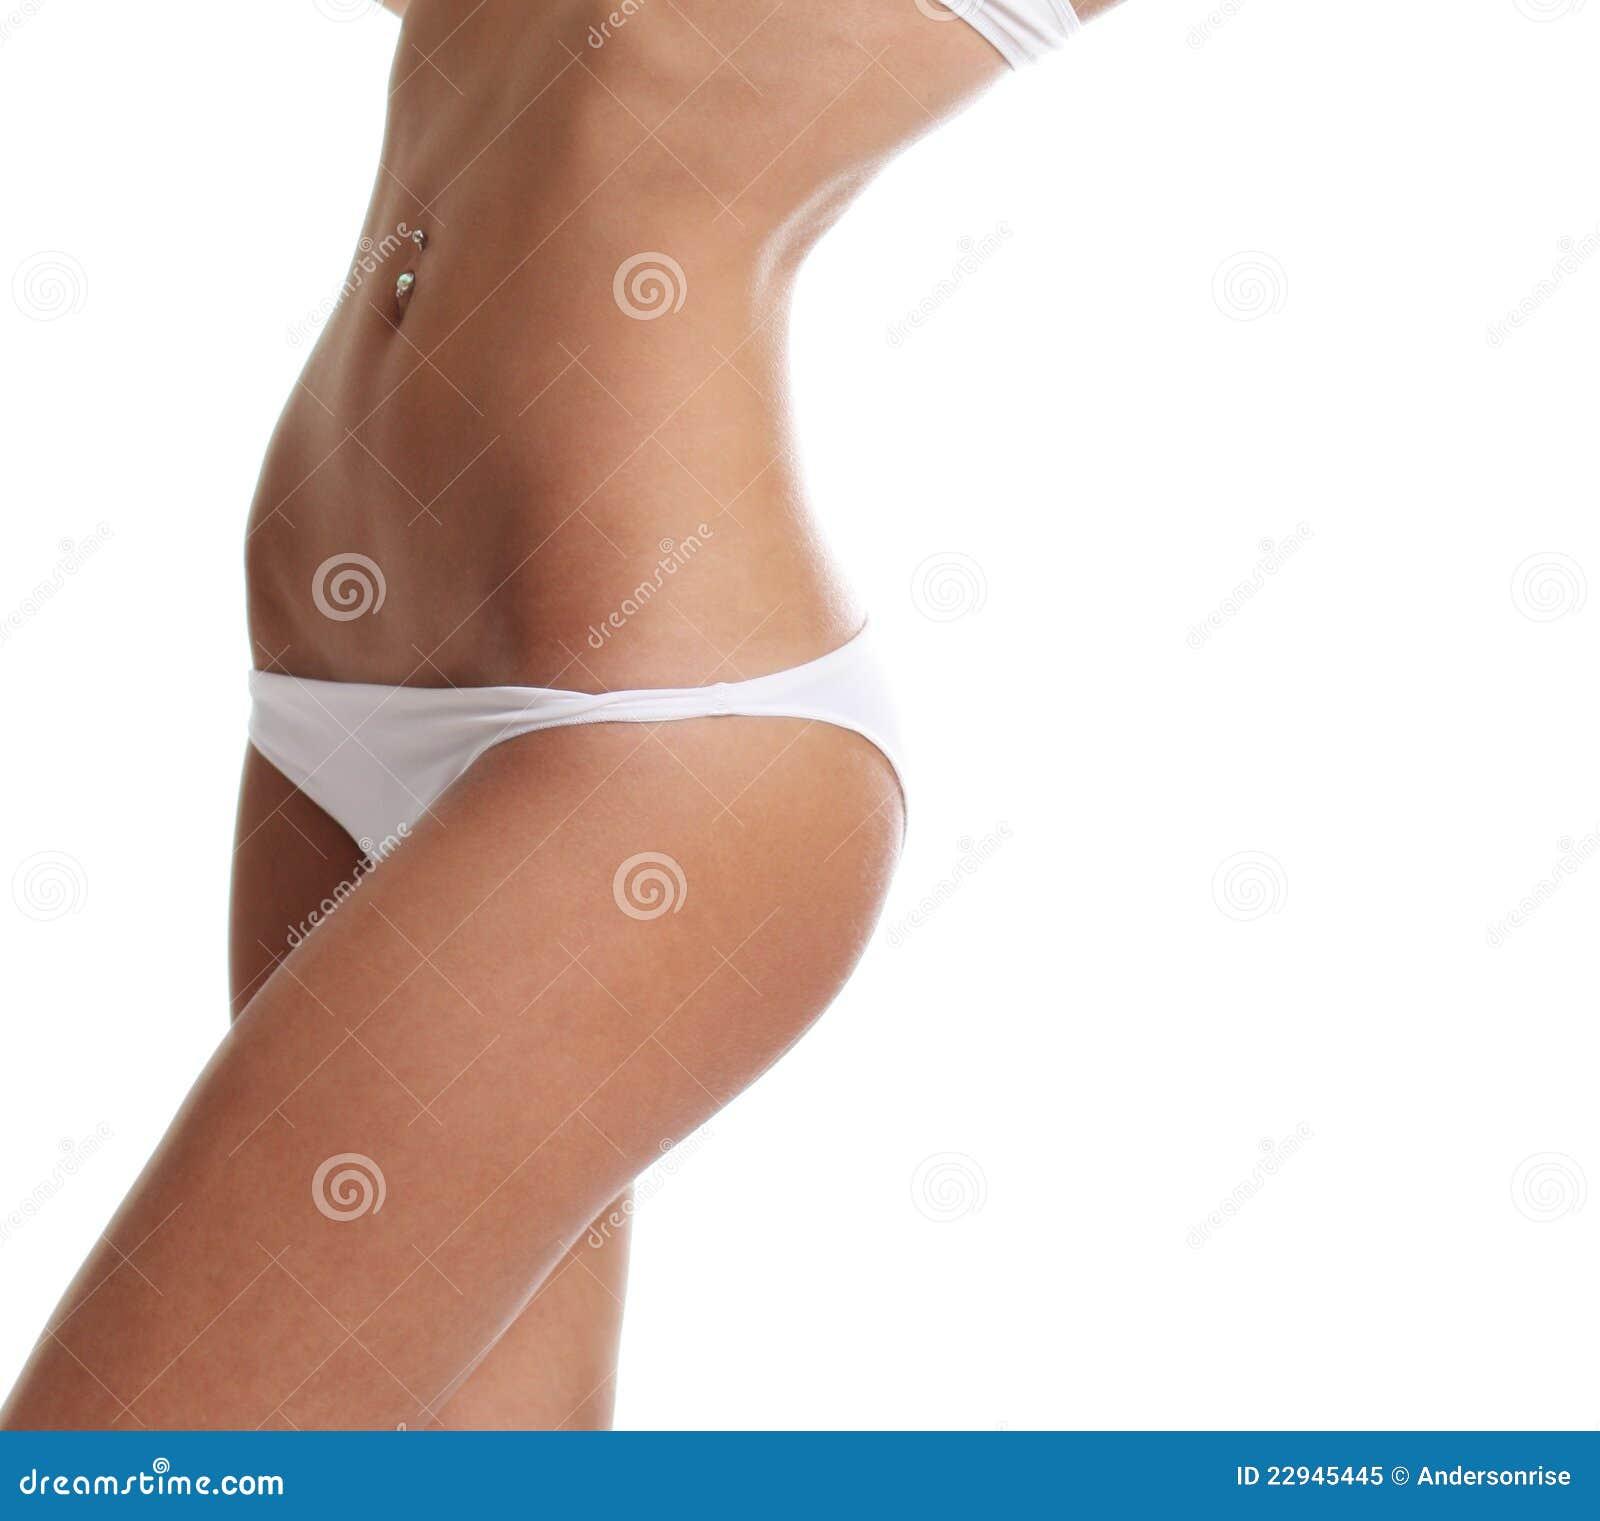 Совершенное тело фото 1 фотография